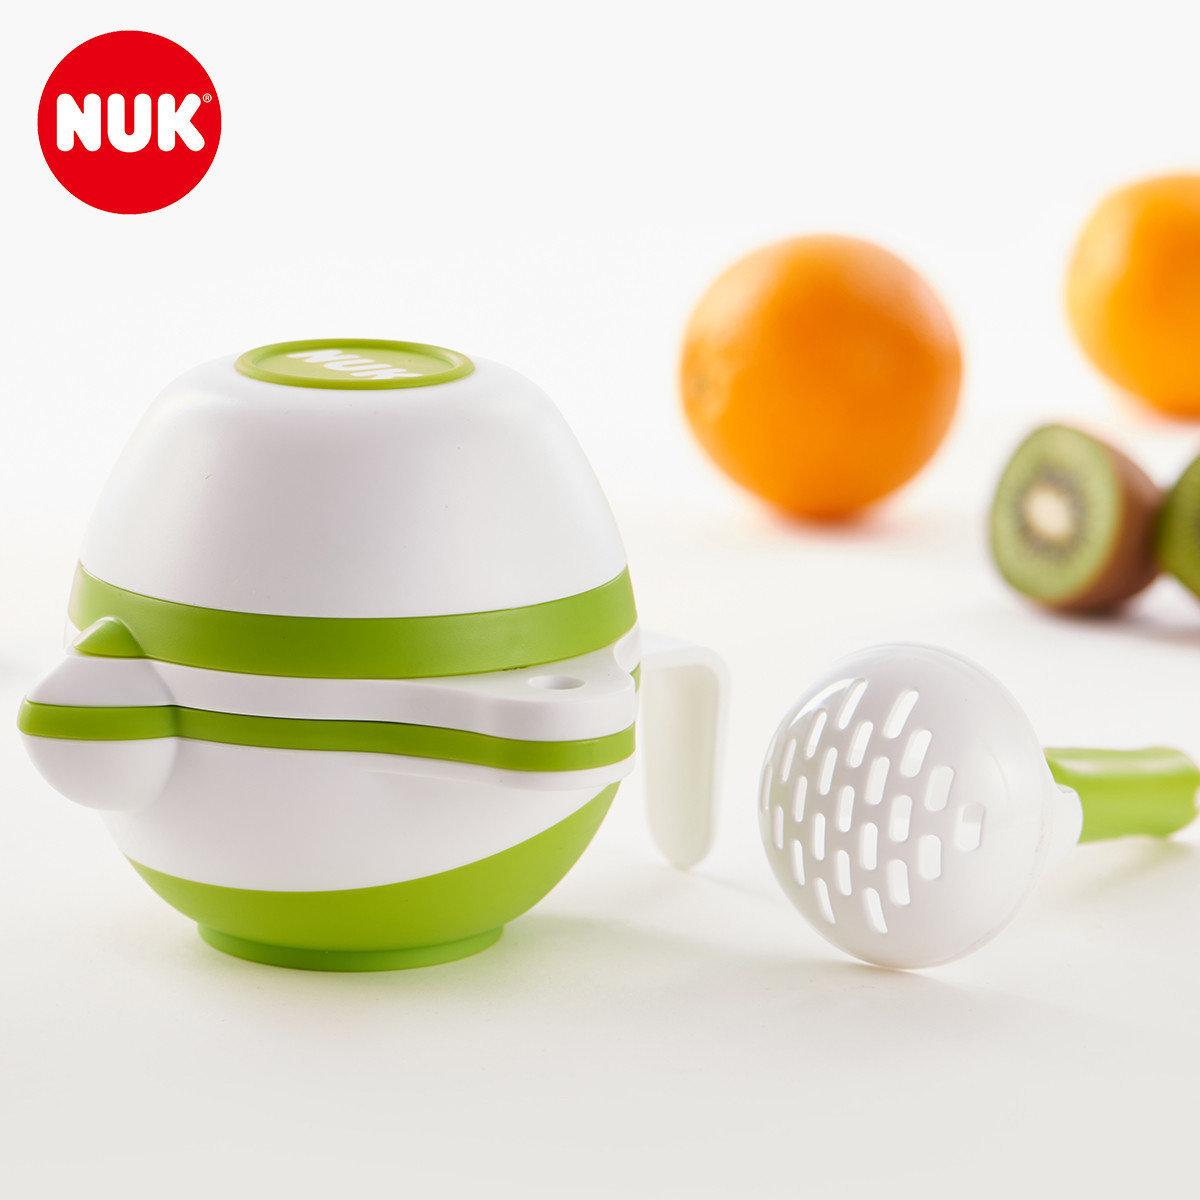 NUK Multi-Function Food Set